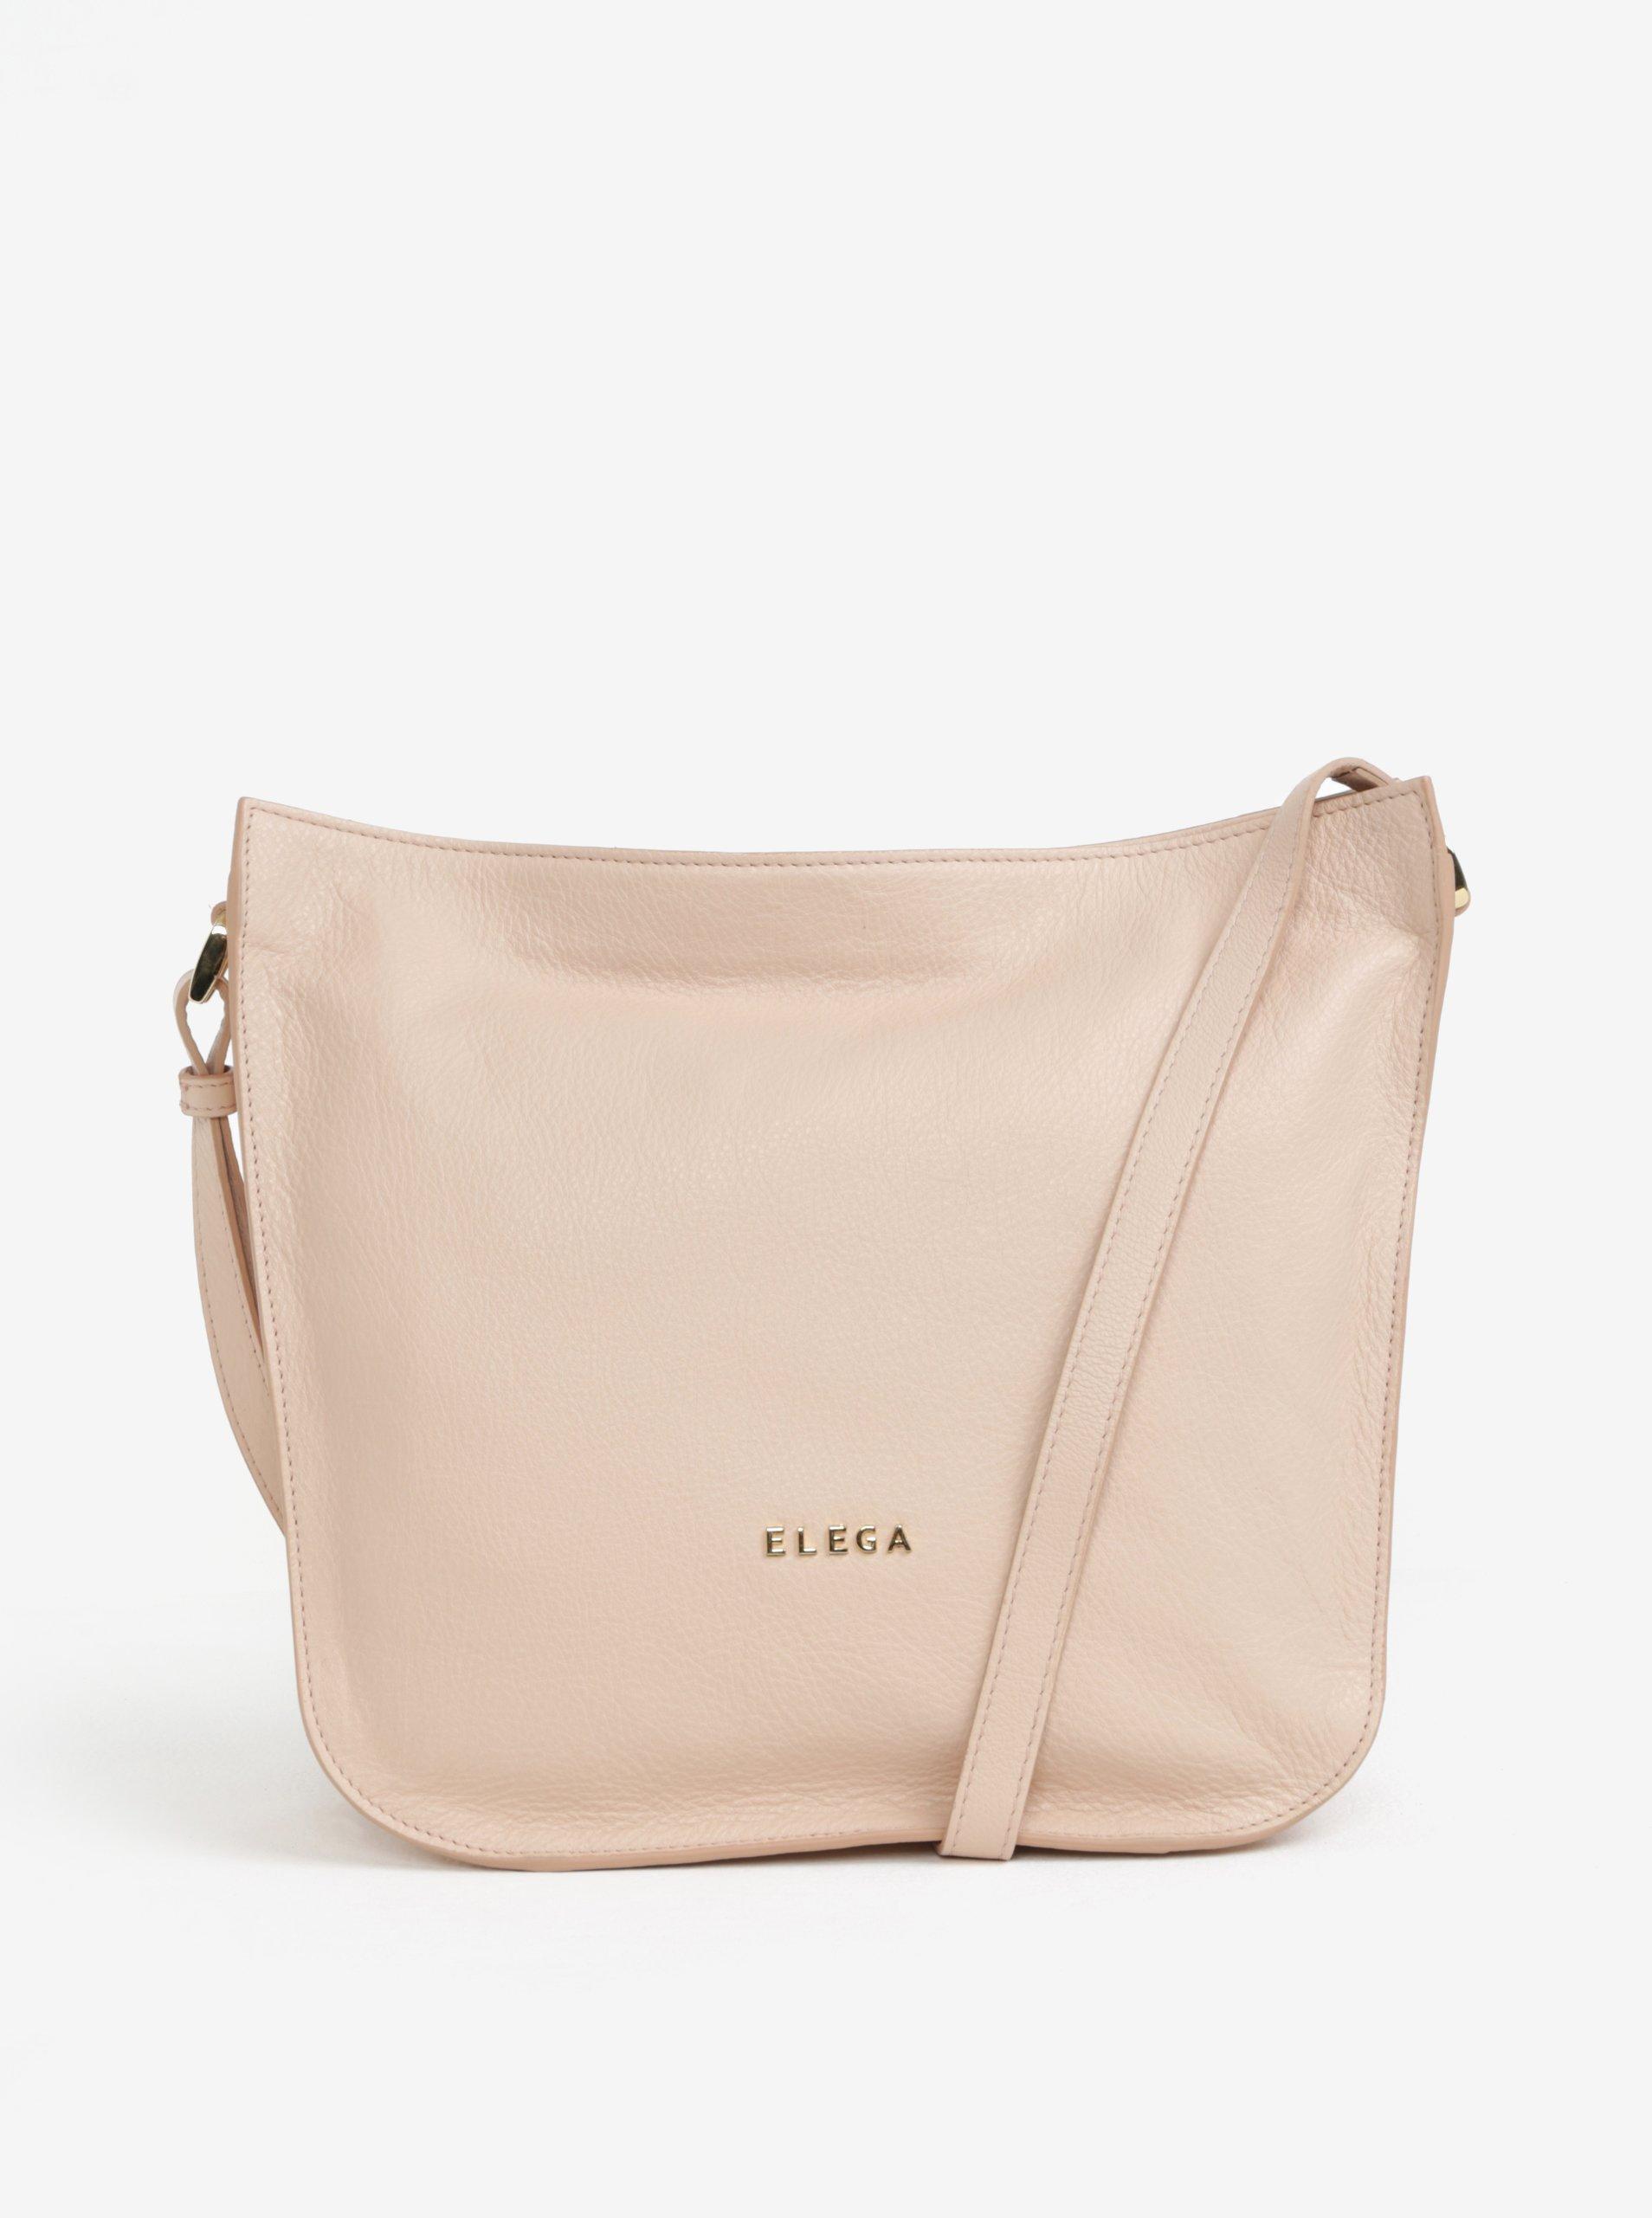 1637930a87 Béžová veľká kožená crossbody kabelka ELEGA Hobie